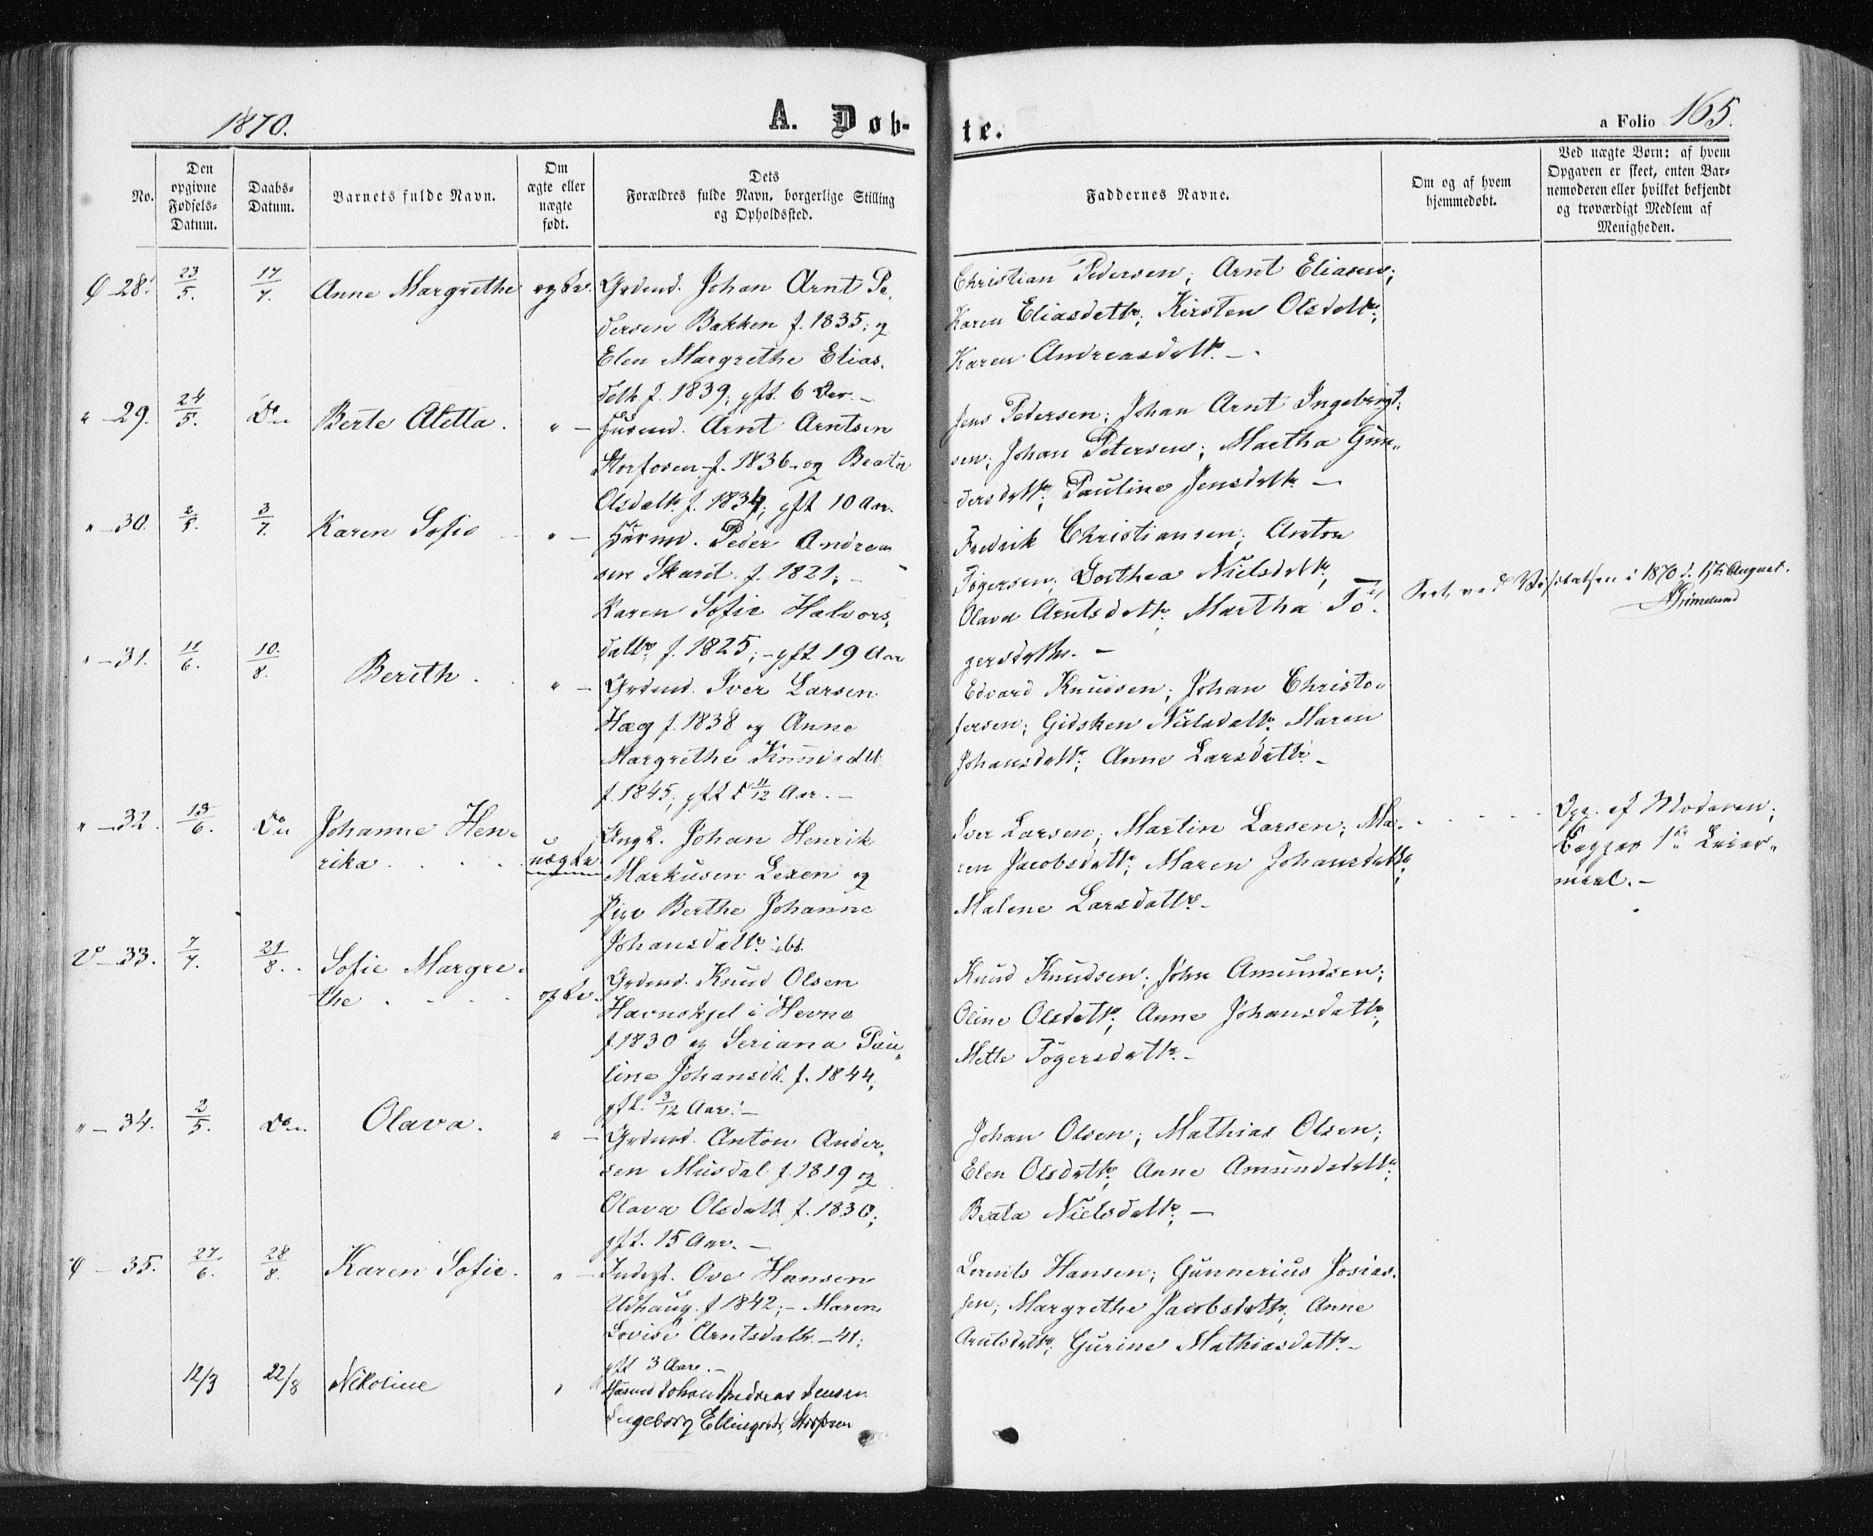 SAT, Ministerialprotokoller, klokkerbøker og fødselsregistre - Sør-Trøndelag, 659/L0737: Ministerialbok nr. 659A07, 1857-1875, s. 165